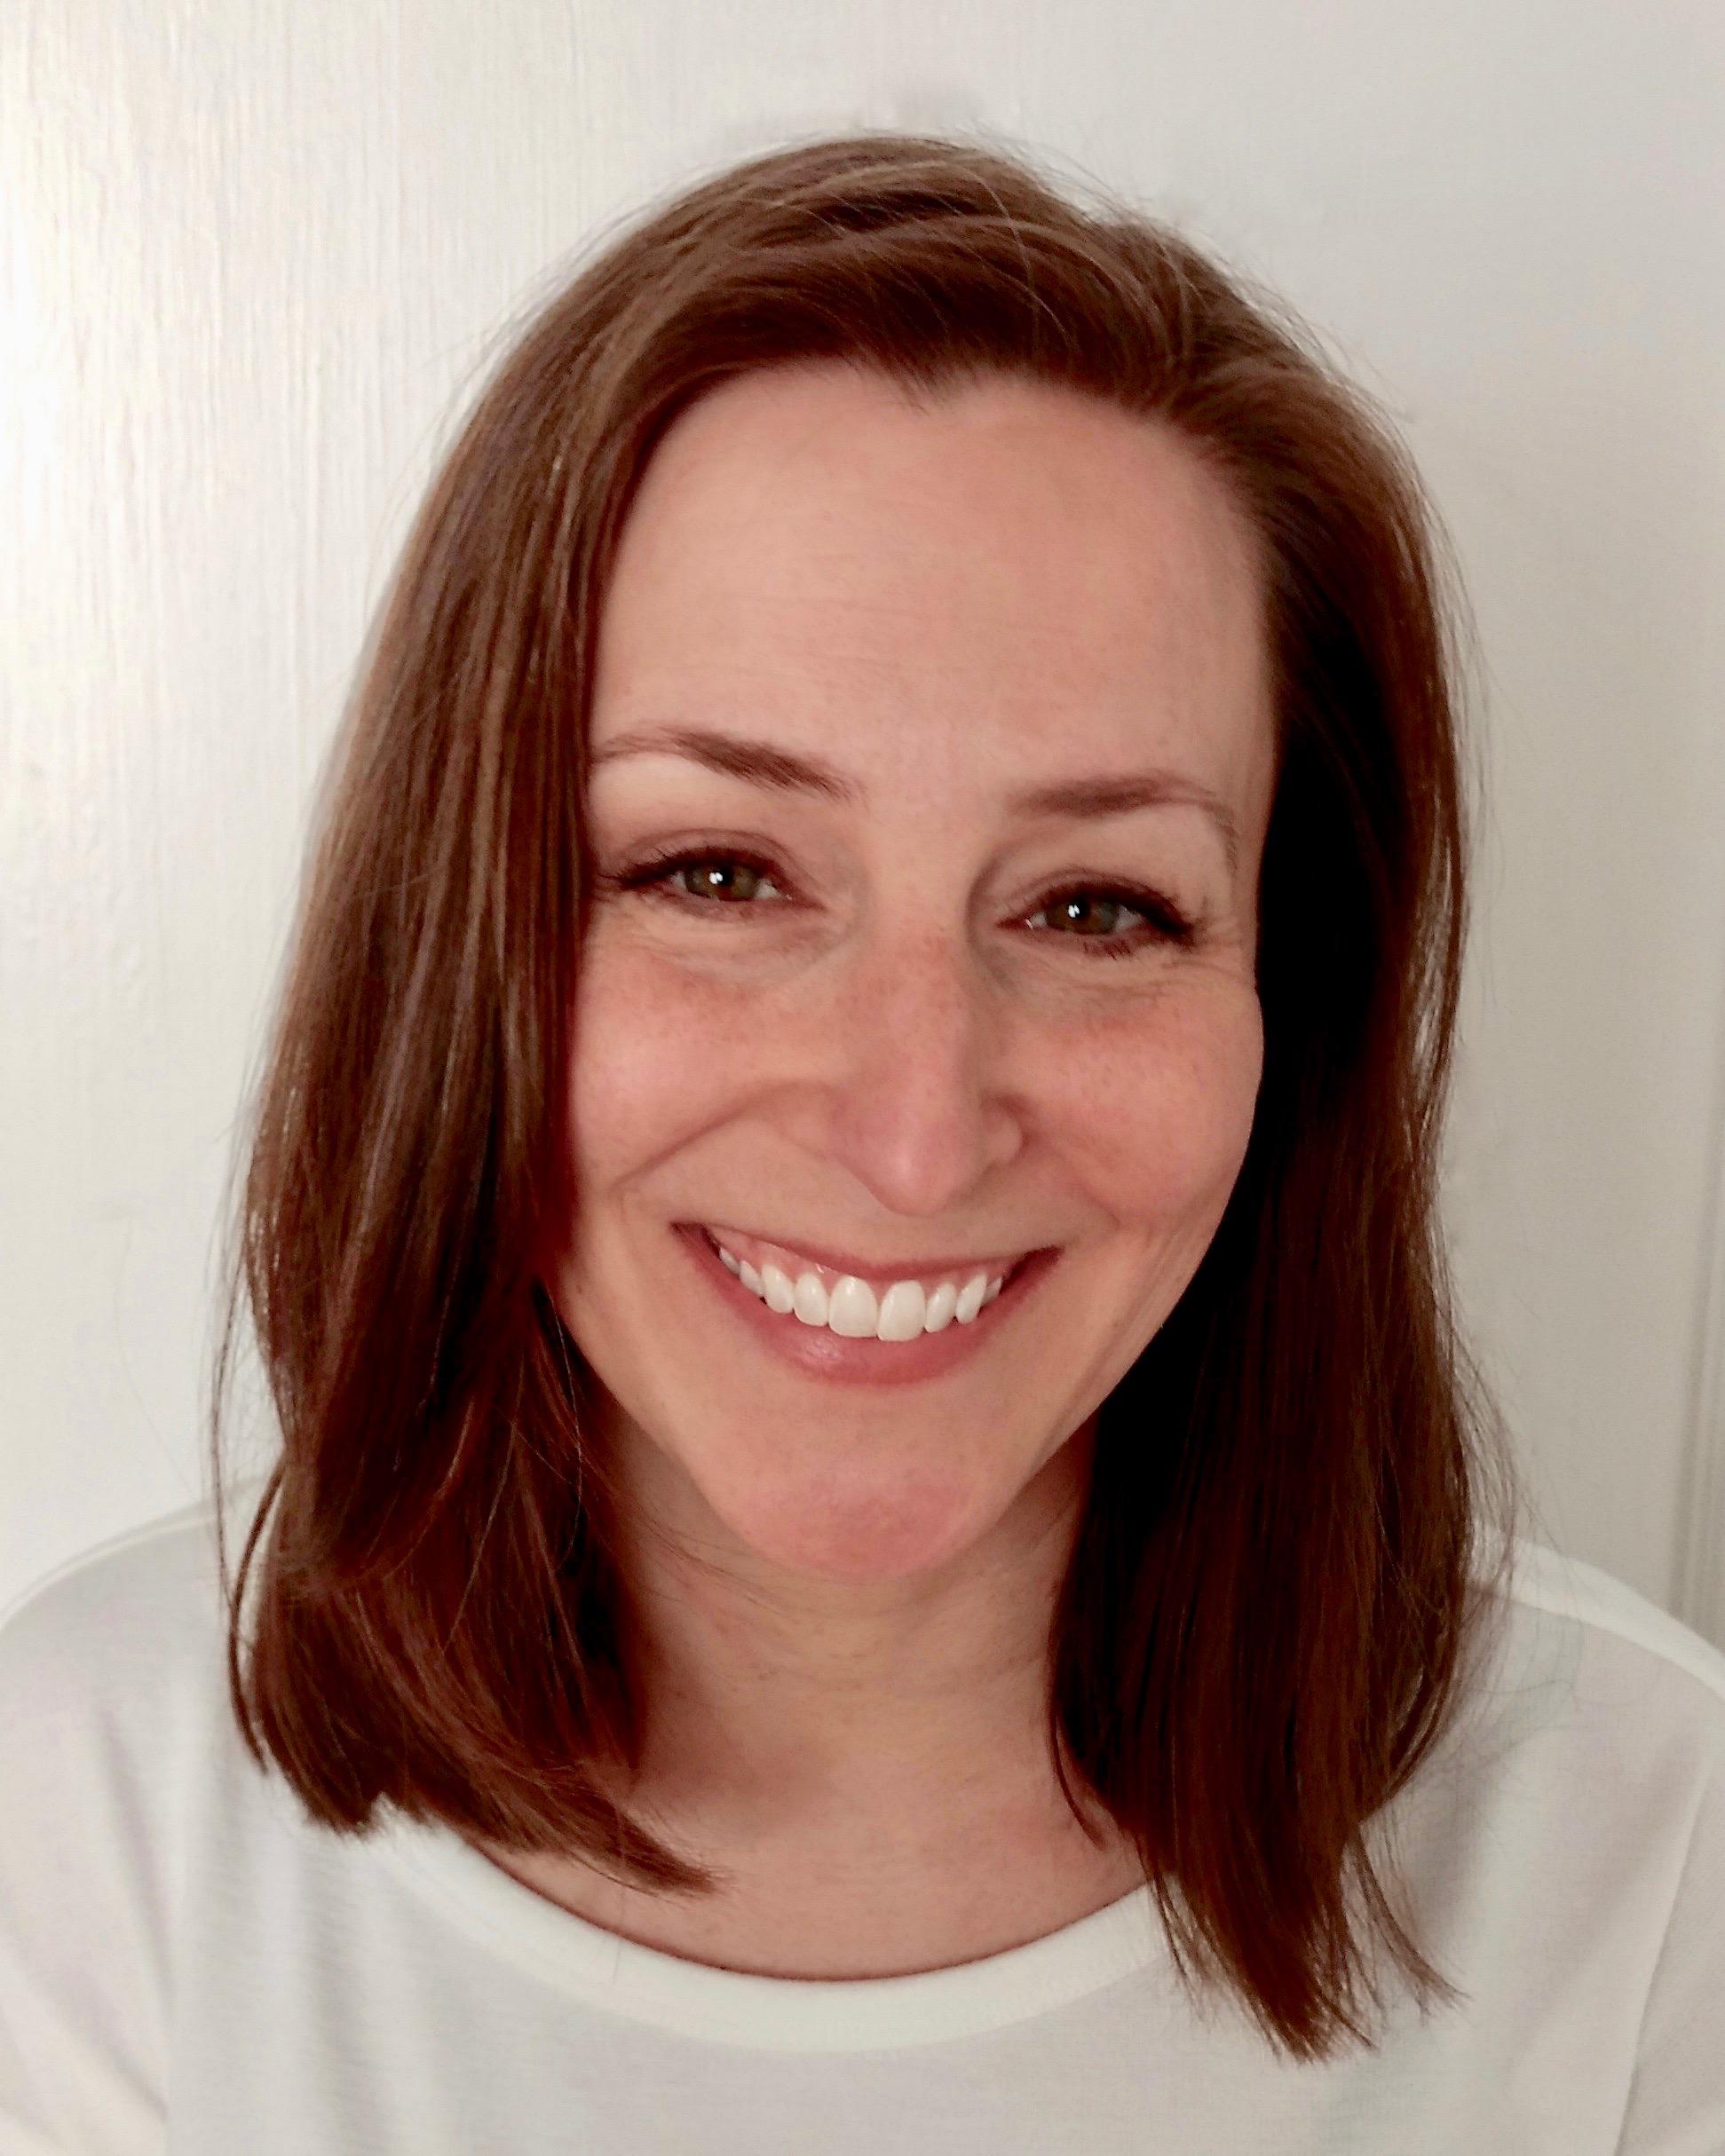 Elizabeth Trach